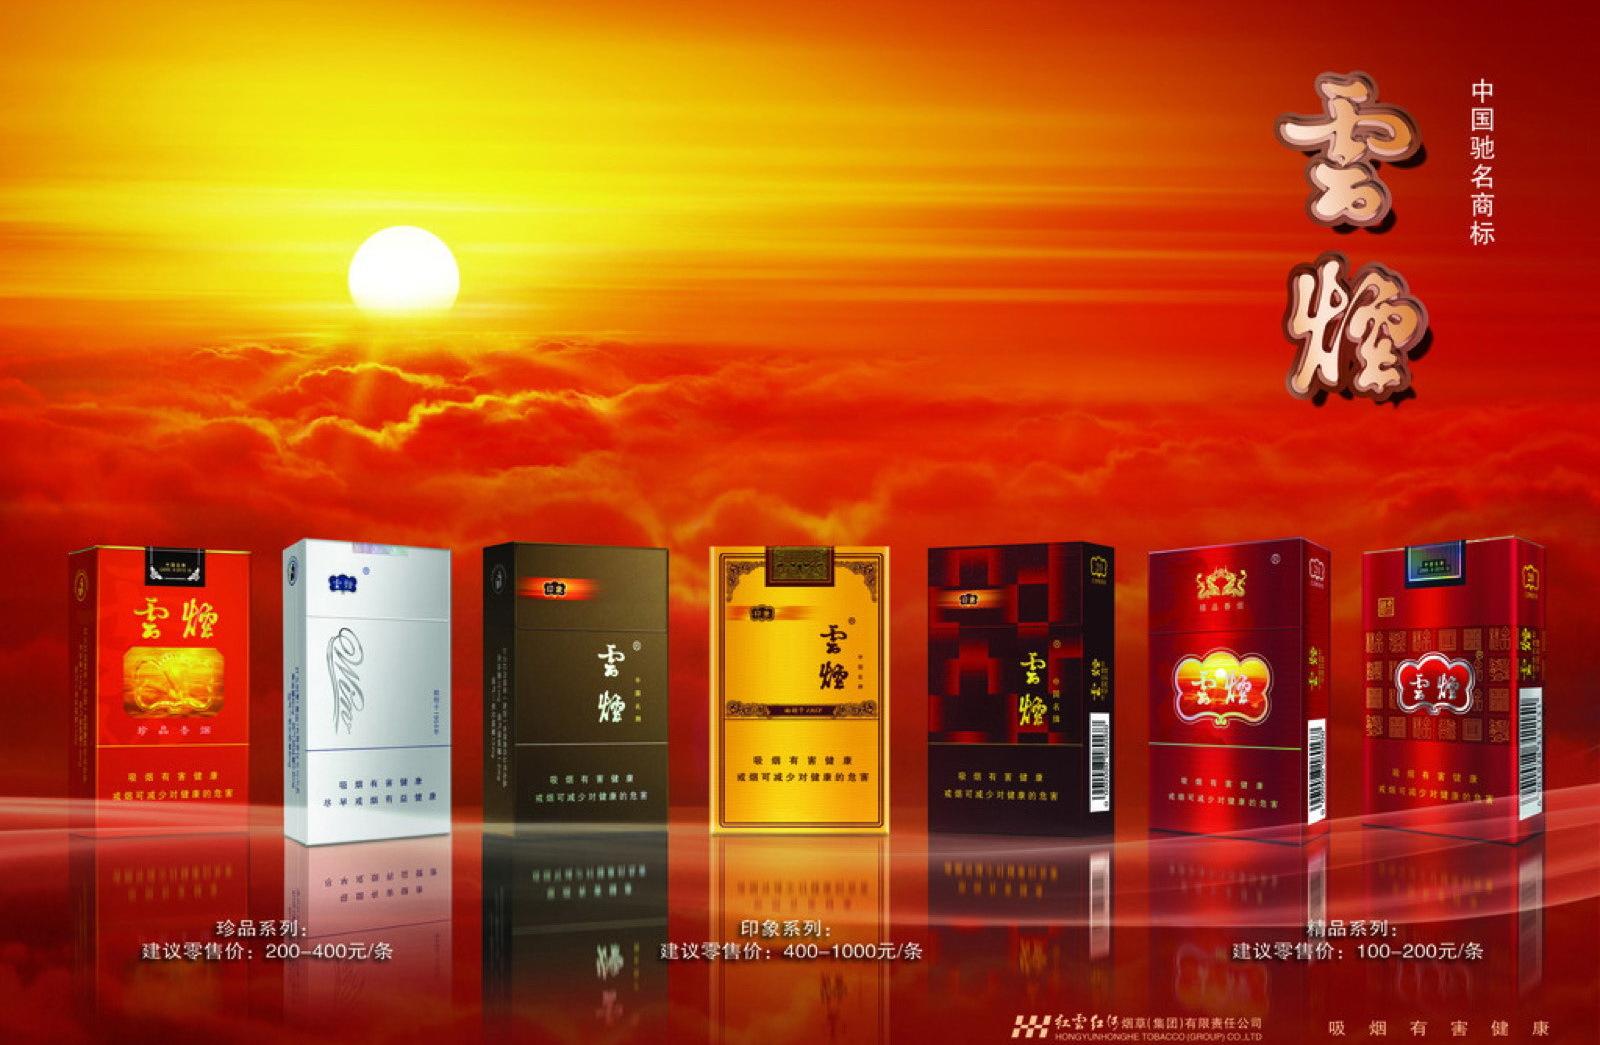 Где заказать в китае сигареты купить основу для электронных сигарет мерк